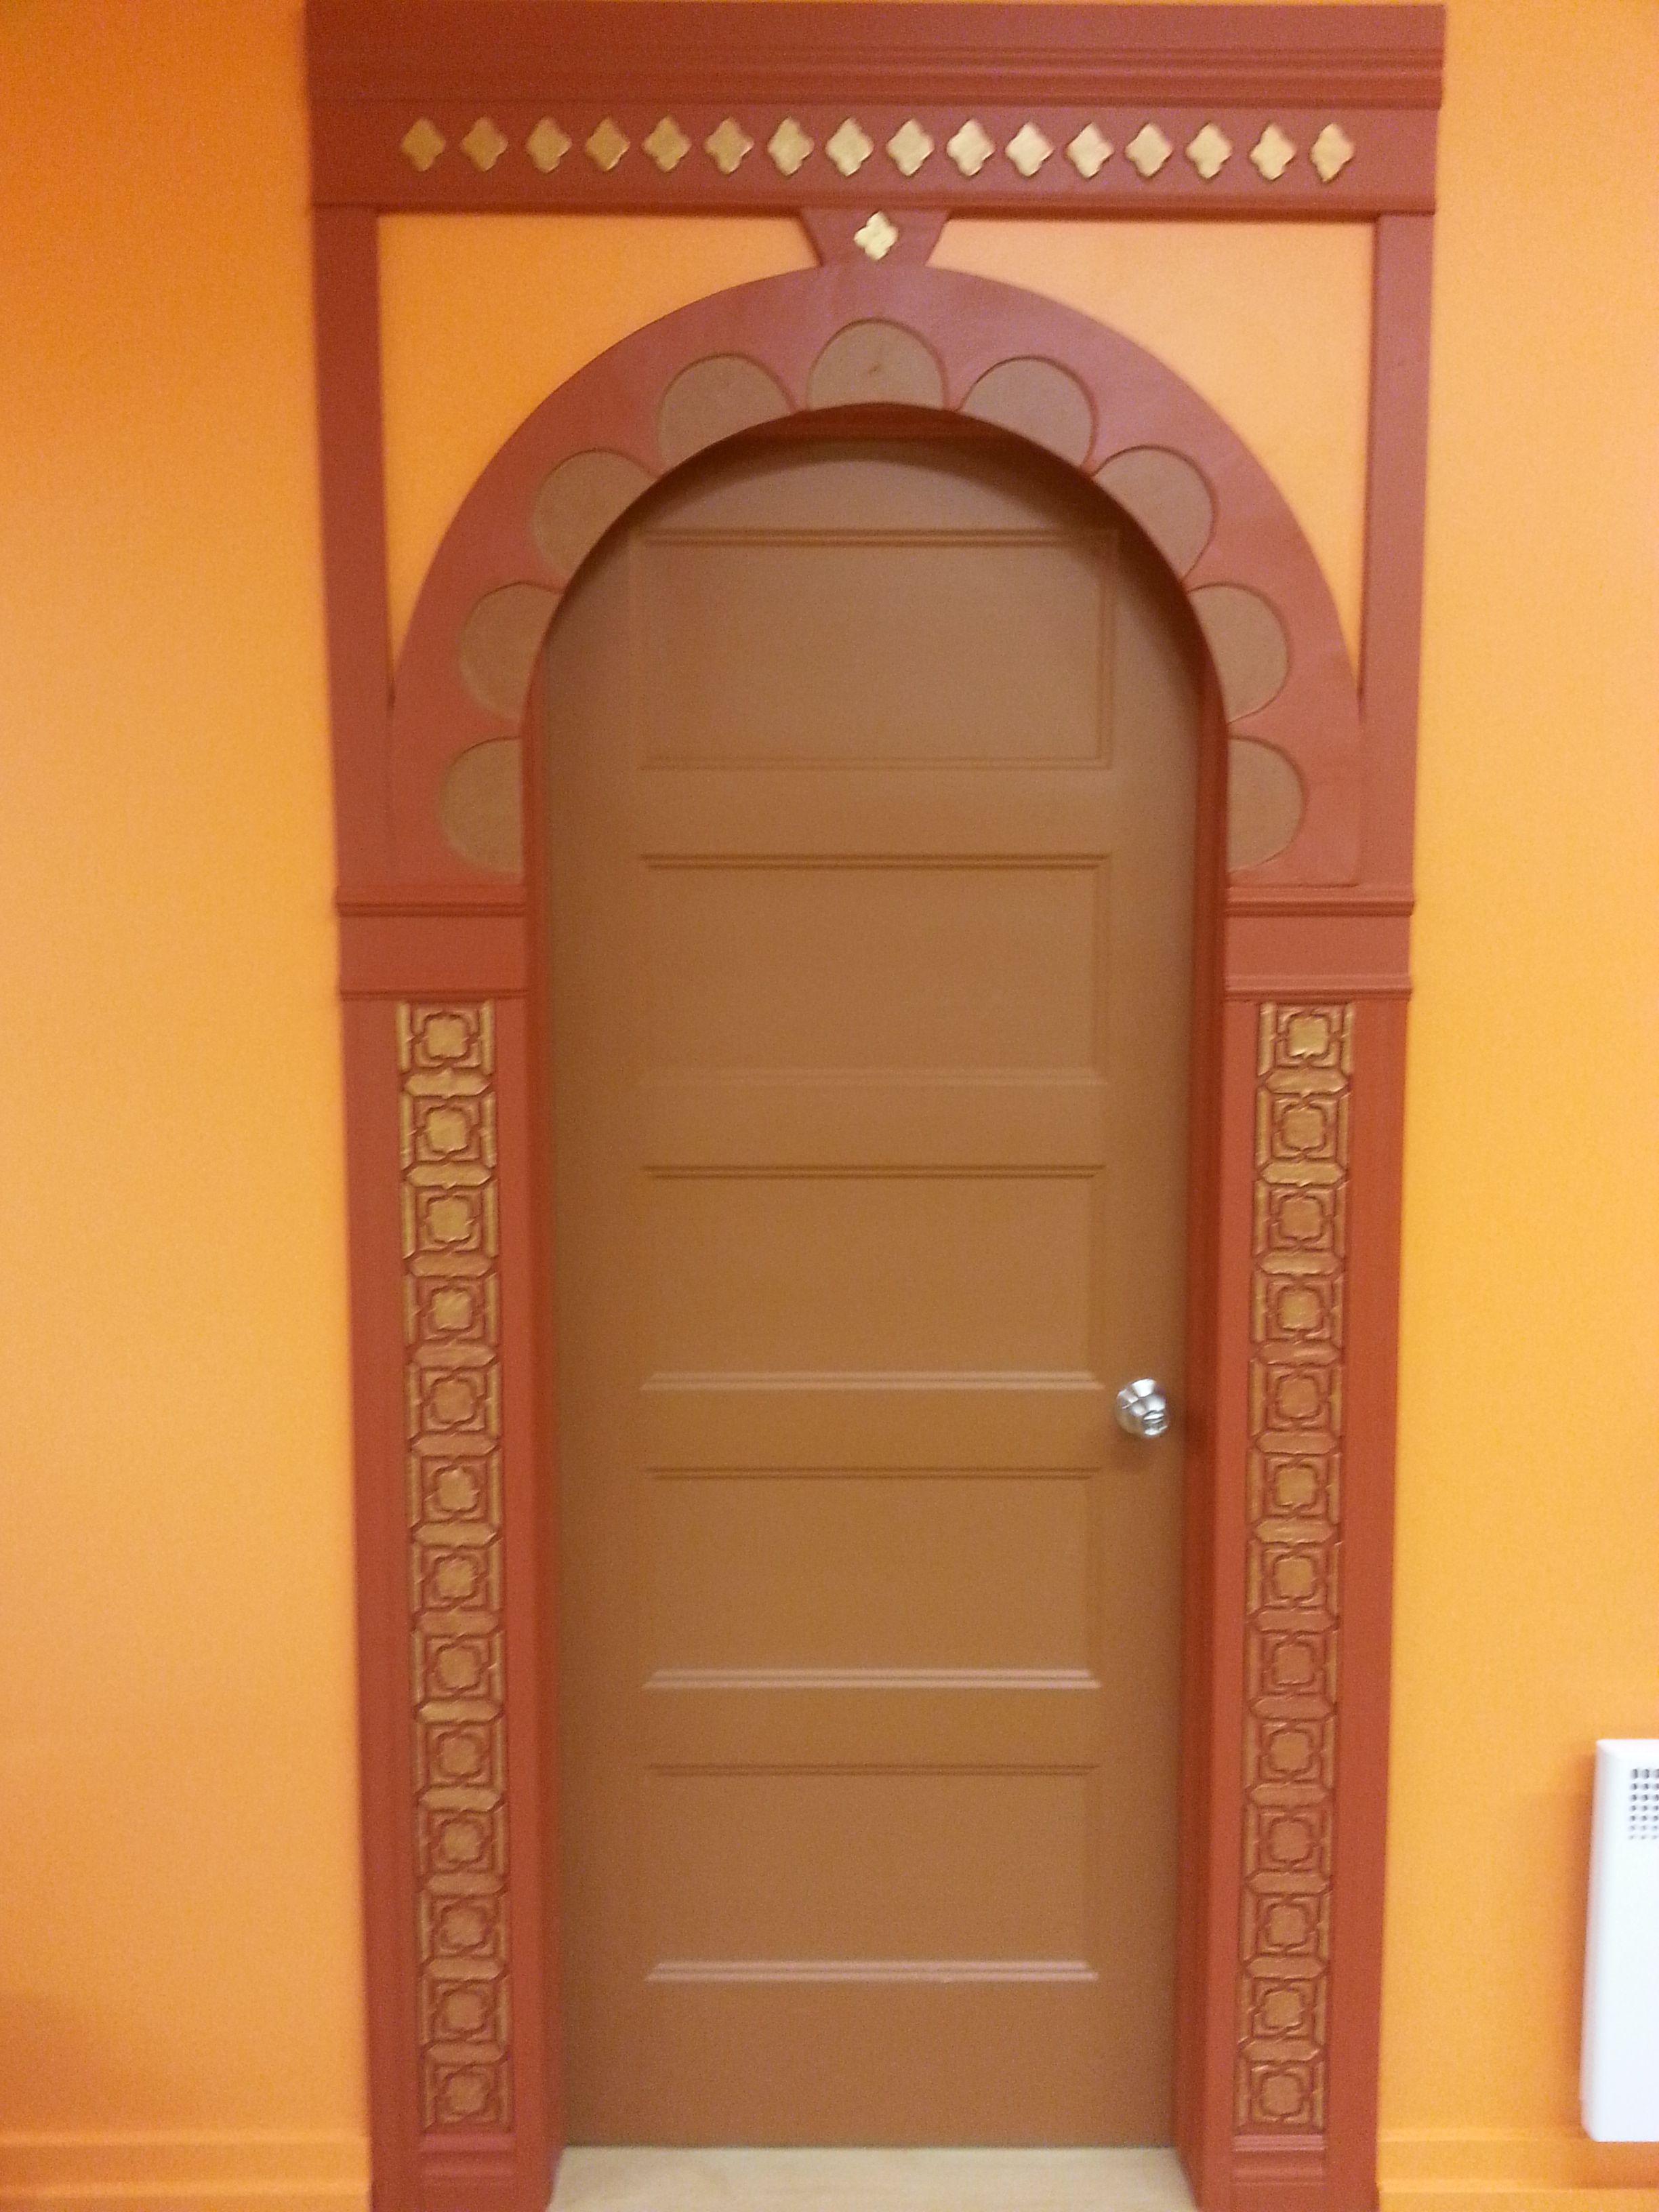 portes orientales cadre de portes d 39 inspiration du moyen orient avec relief et motifs marocains. Black Bedroom Furniture Sets. Home Design Ideas